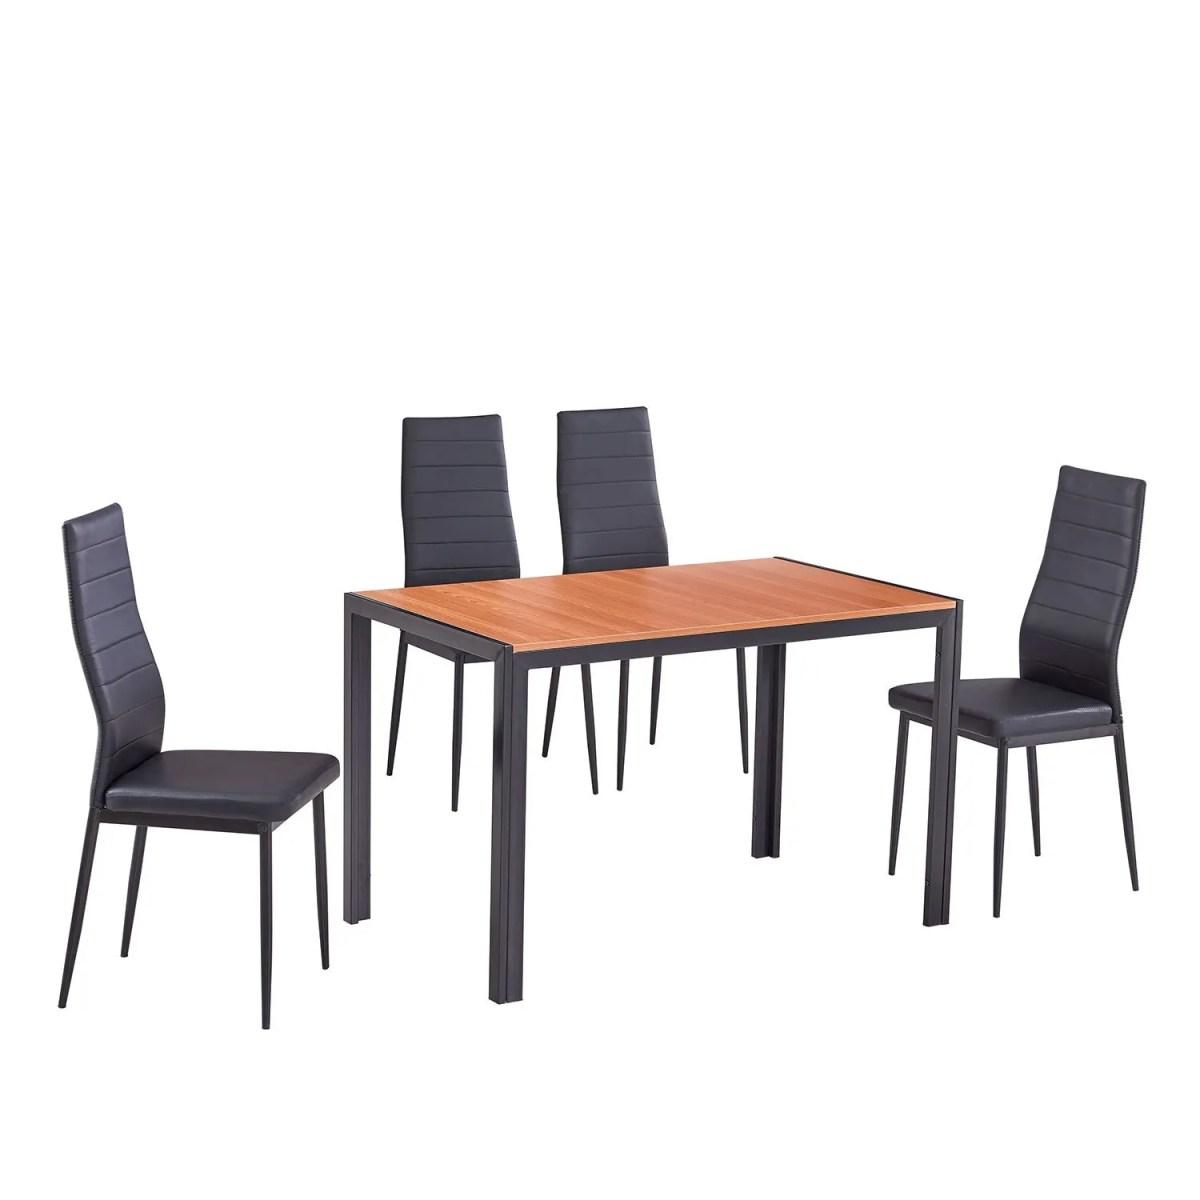 comedor globo elegante de acero con 4 sillas altas 1